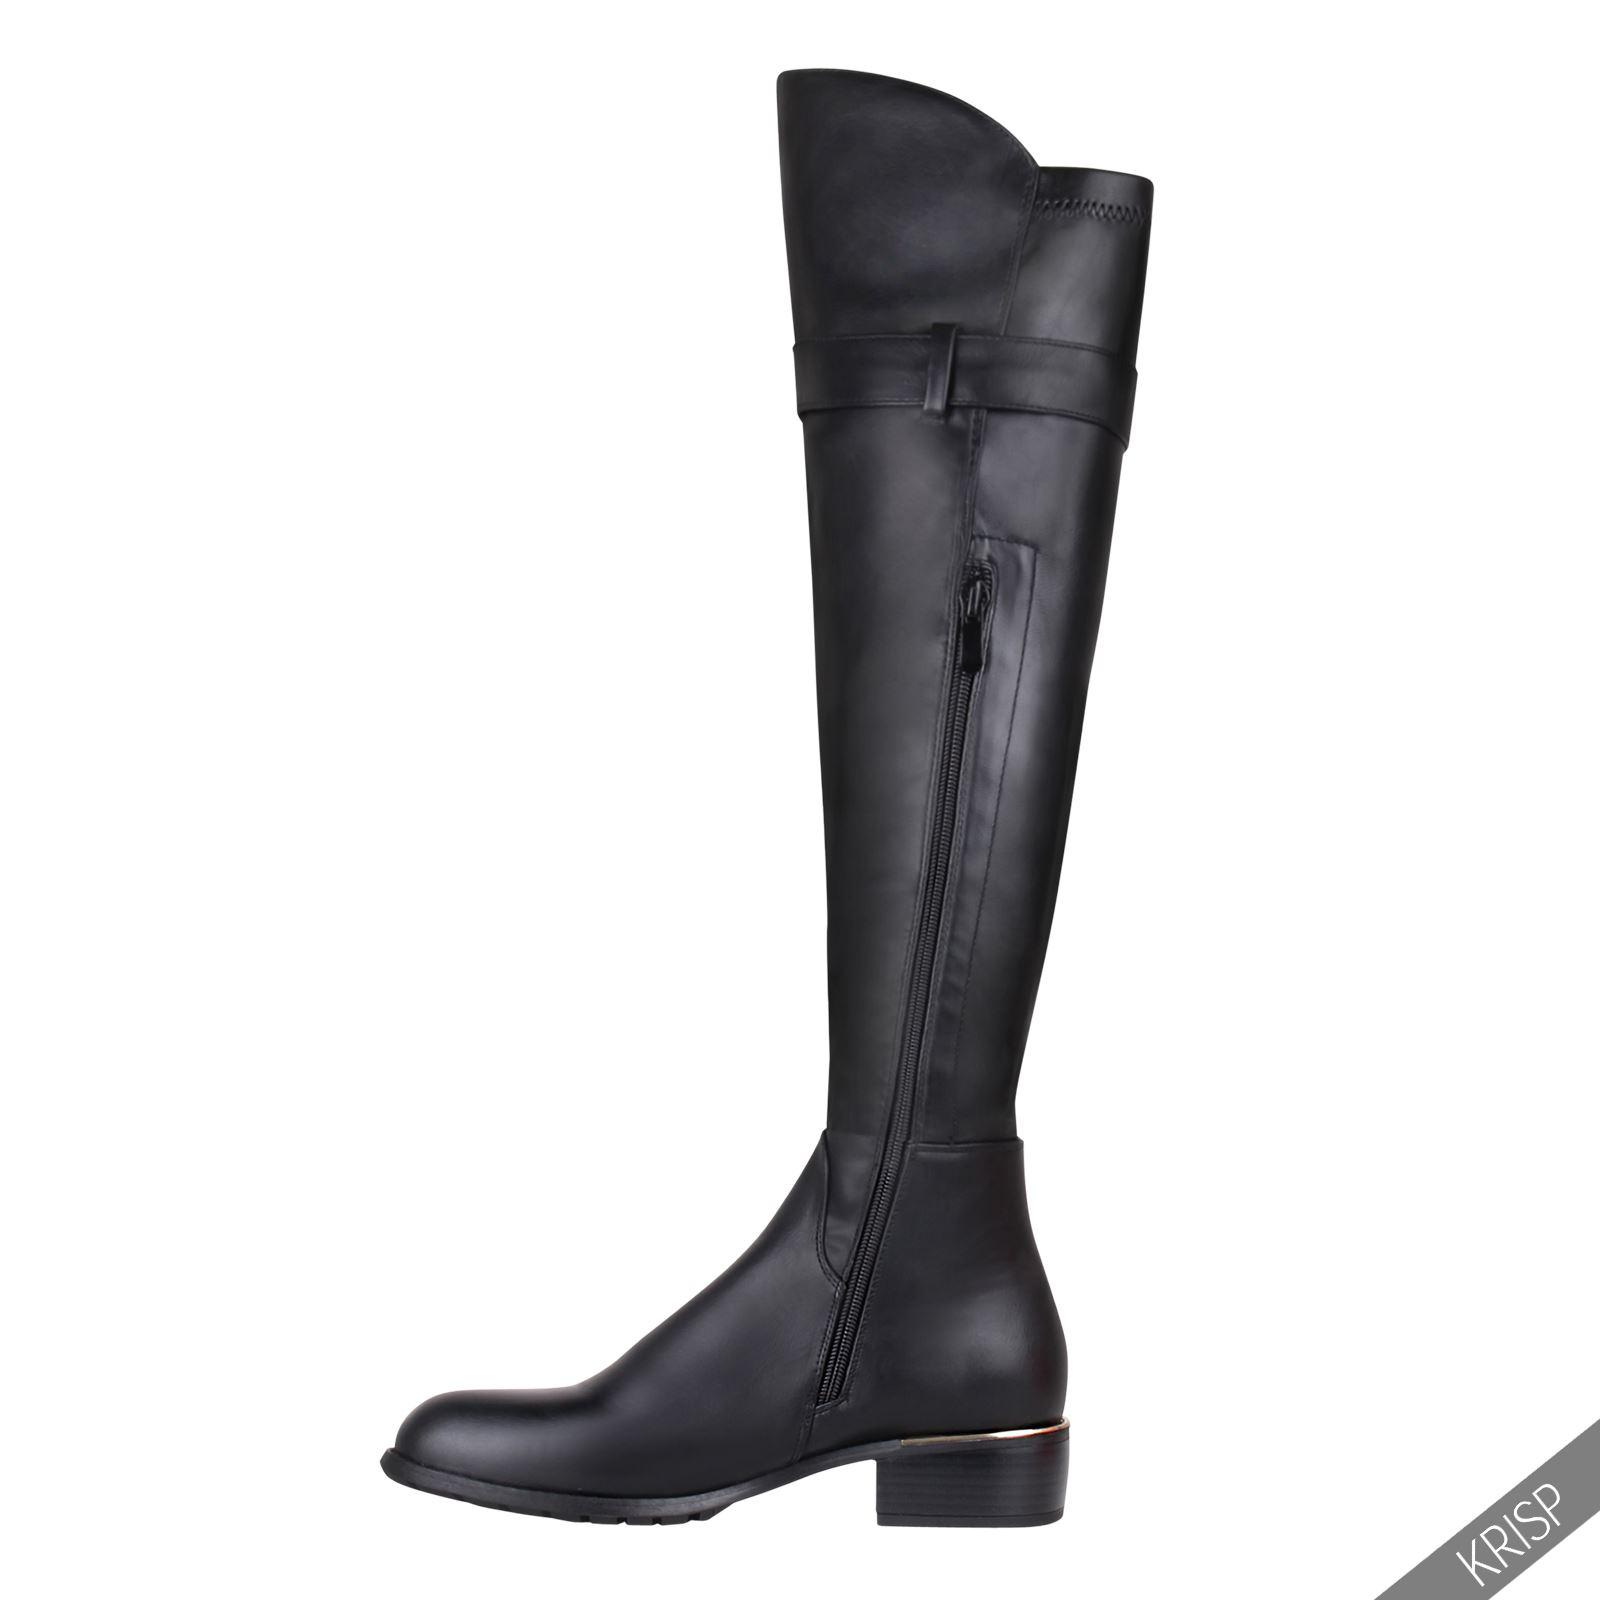 femmes bottes cuissardes cuir clous booties chaussures talon plat